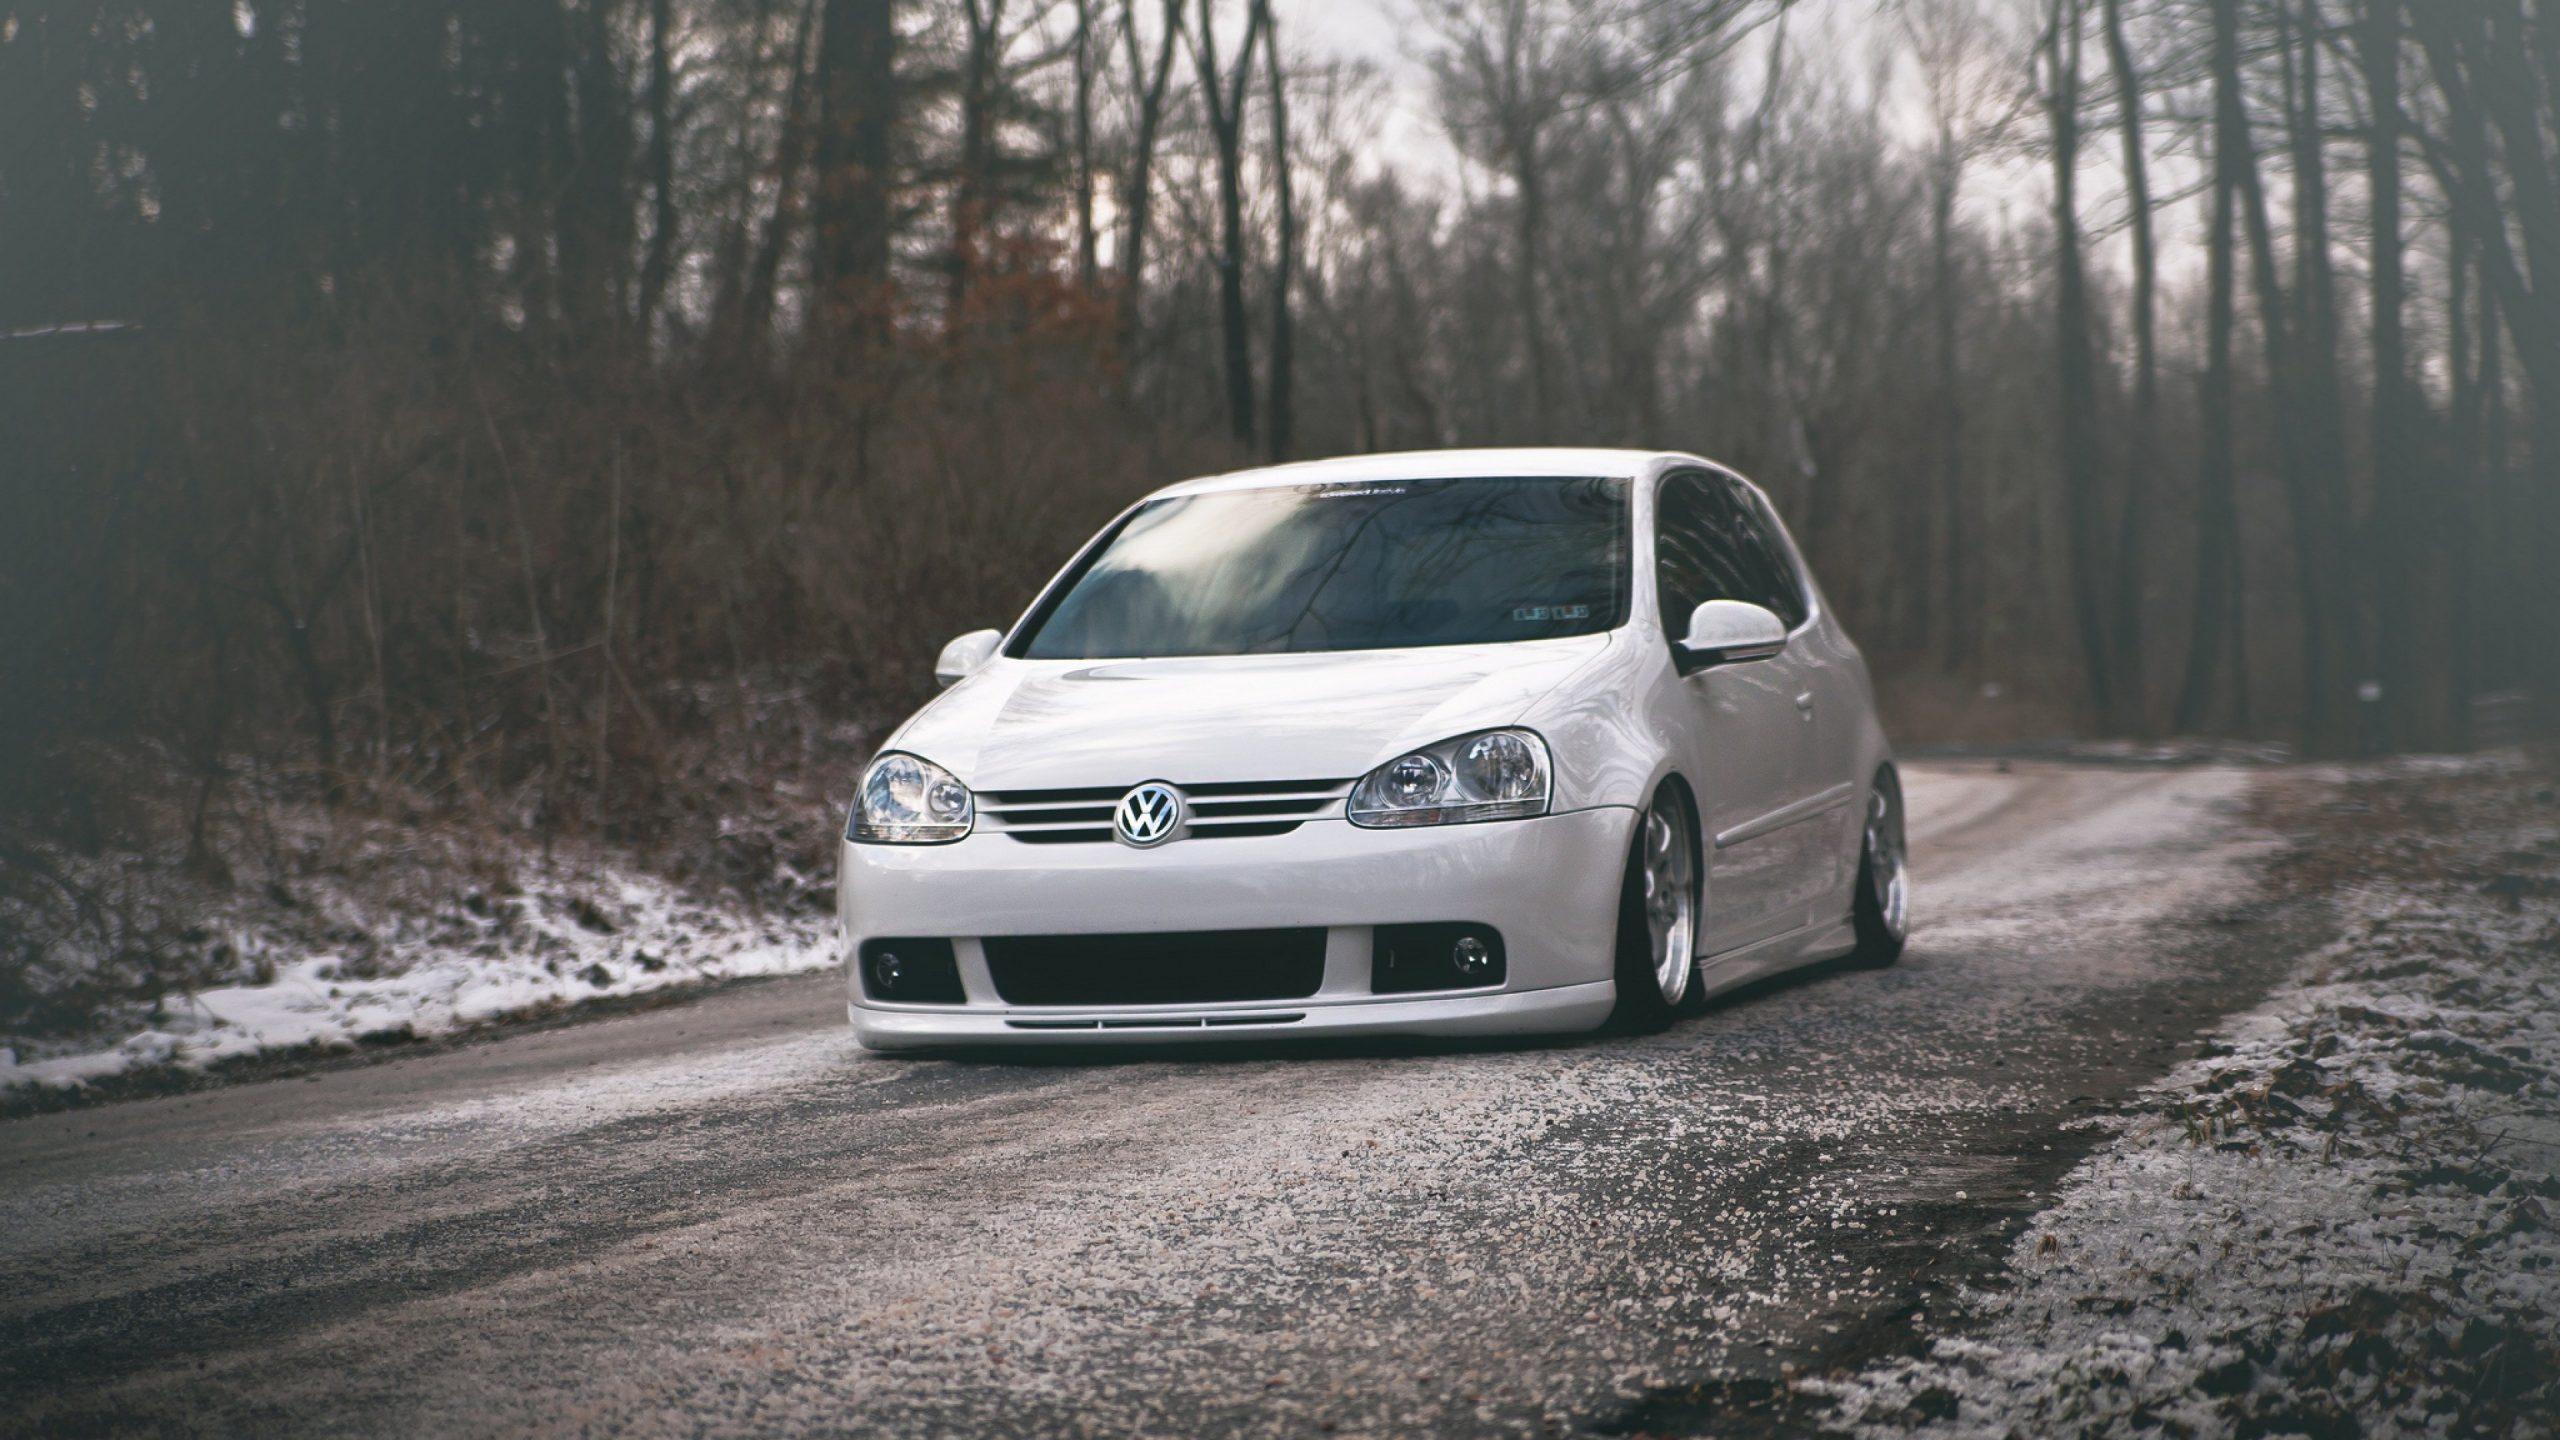 Volkswagen hd wallpaper download